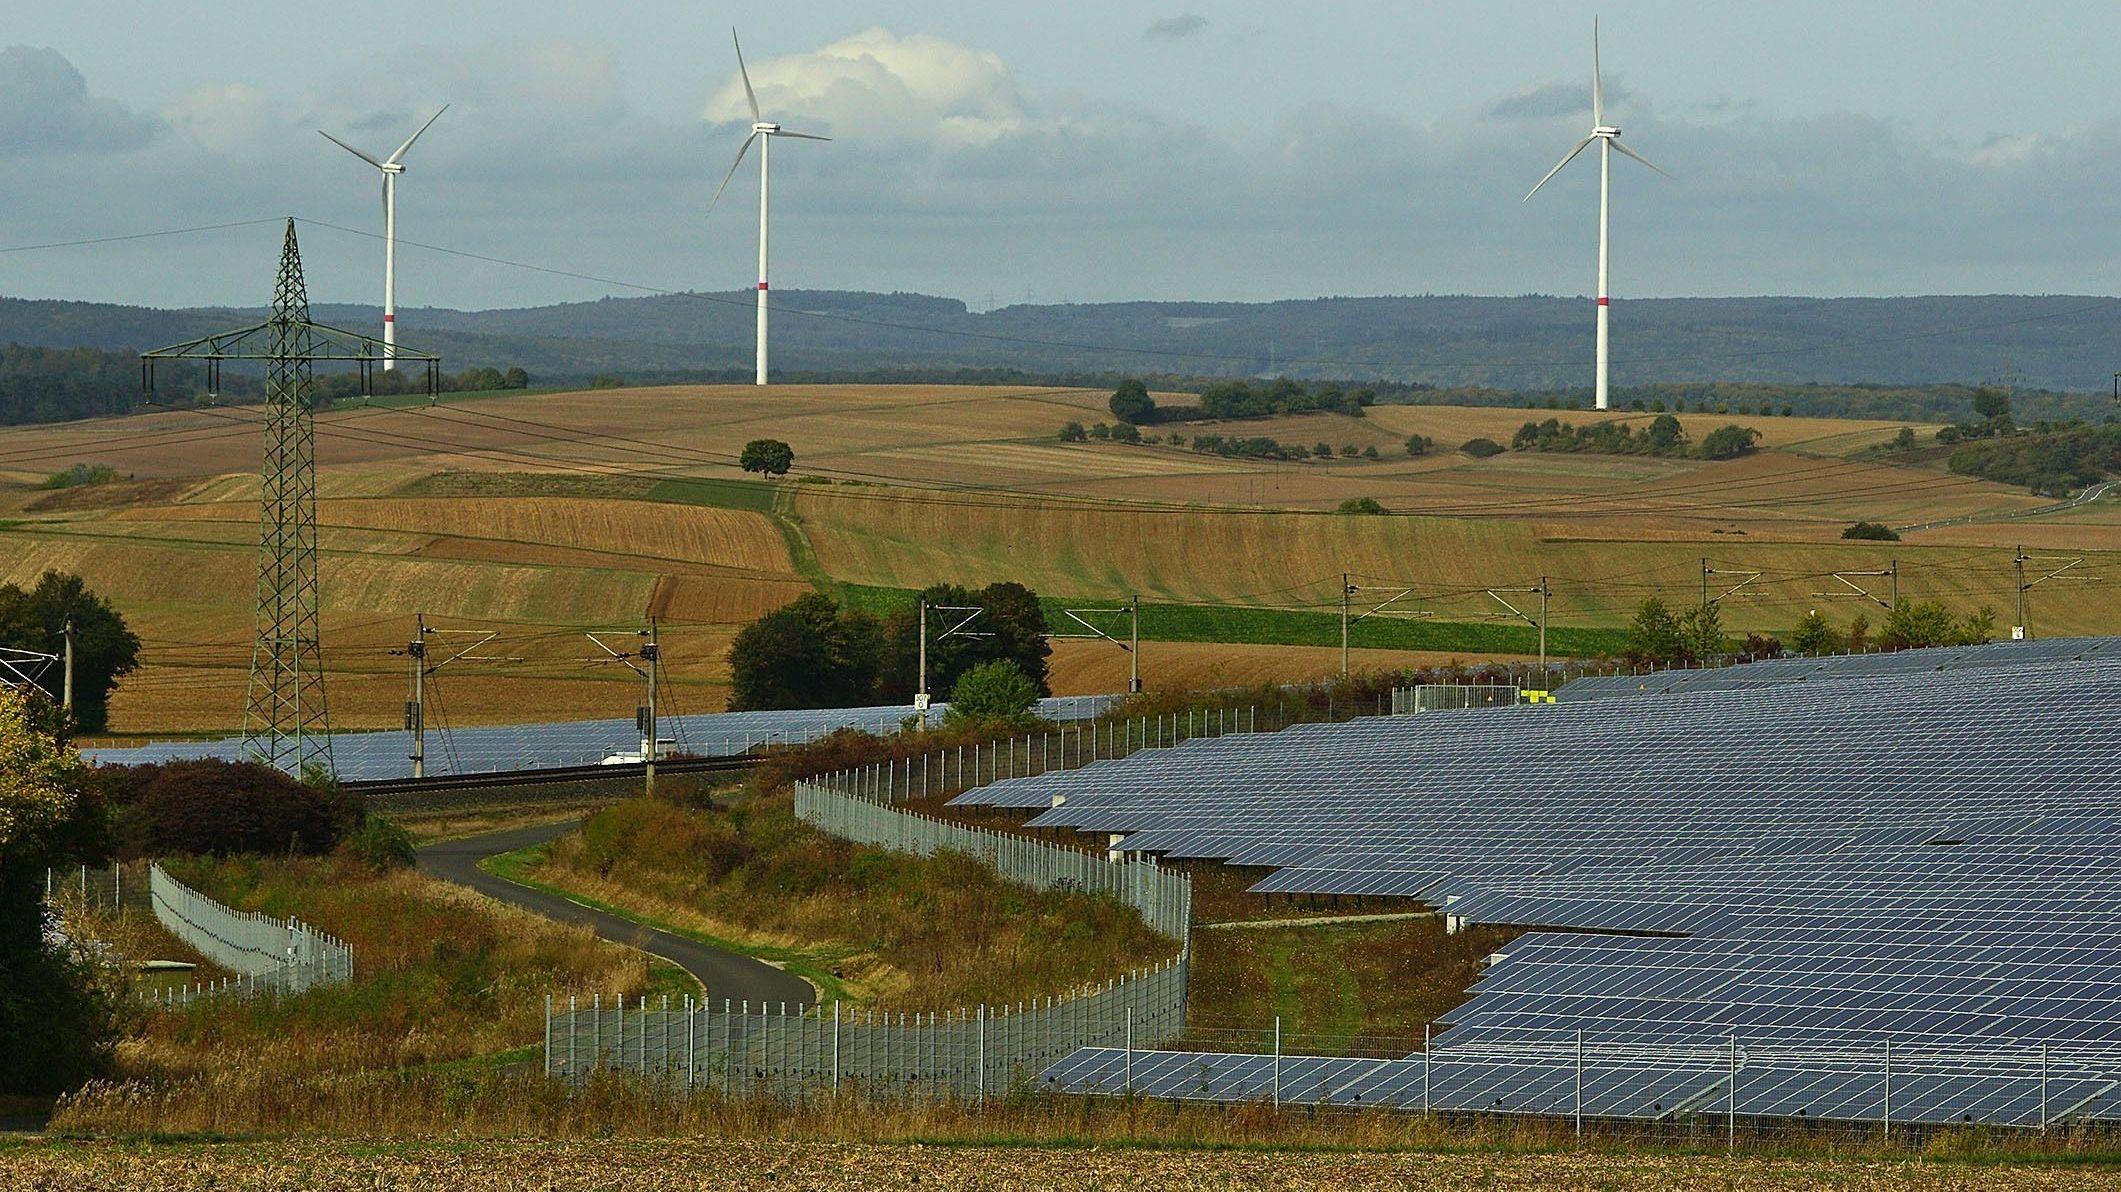 Photovoltaik-Anlagen und Windräder auf der Mainplatte nördlich von Würzburg